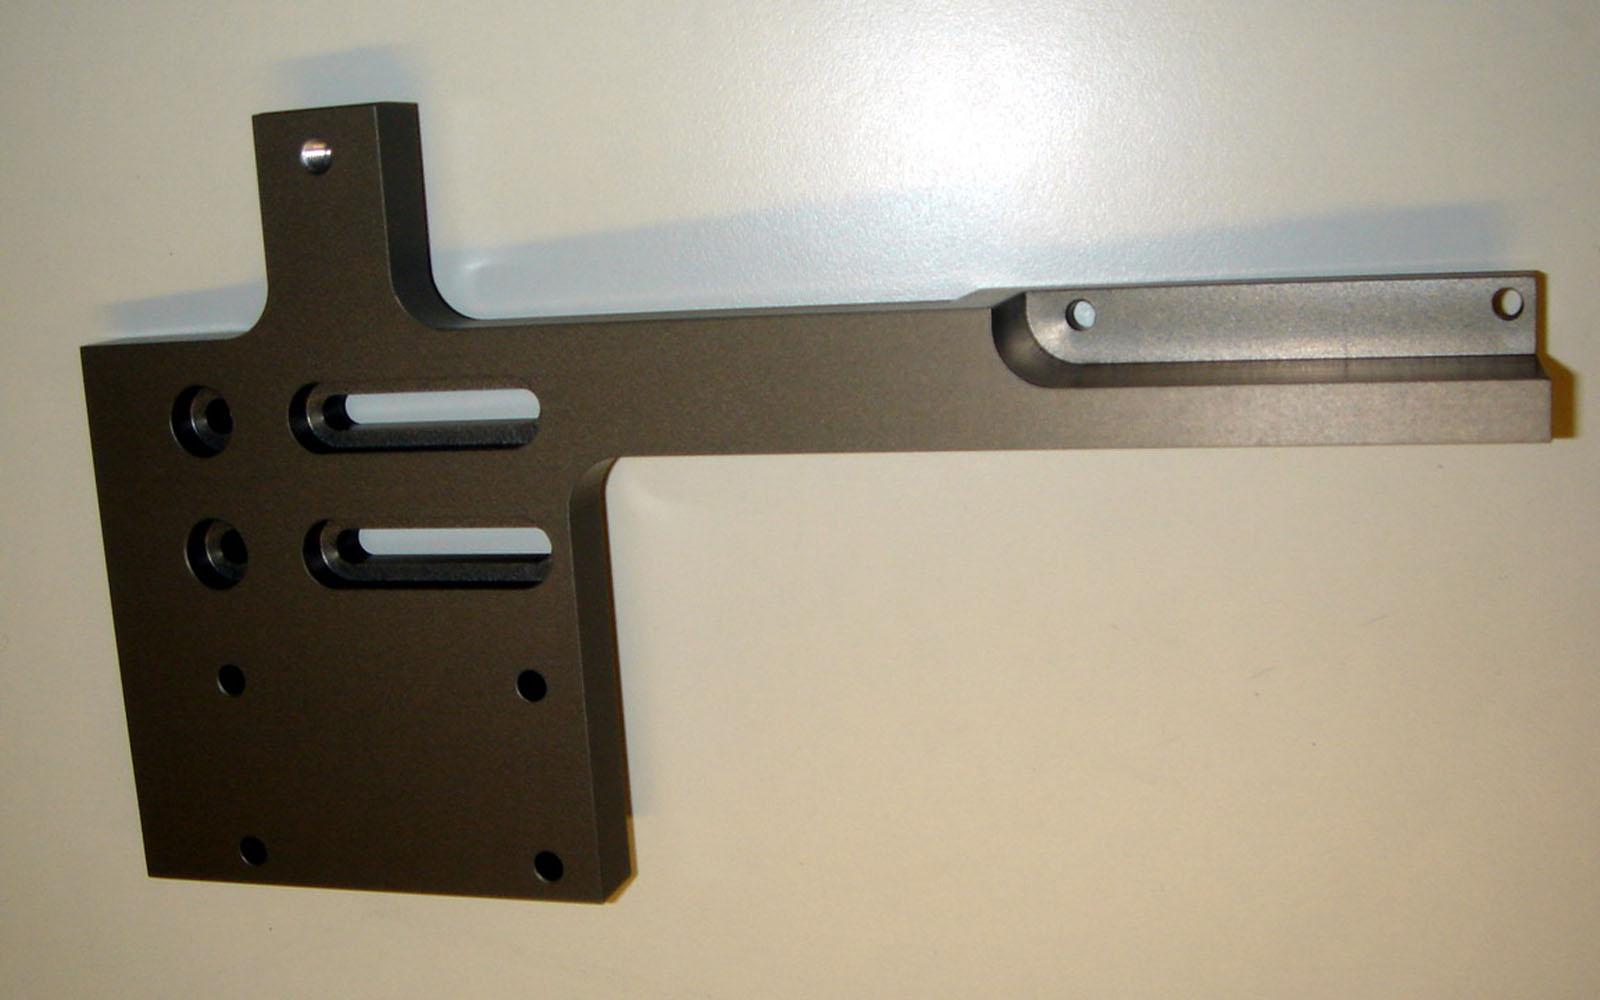 Conap CAD Fertigungsplanung - Prototyp eines Bauteils